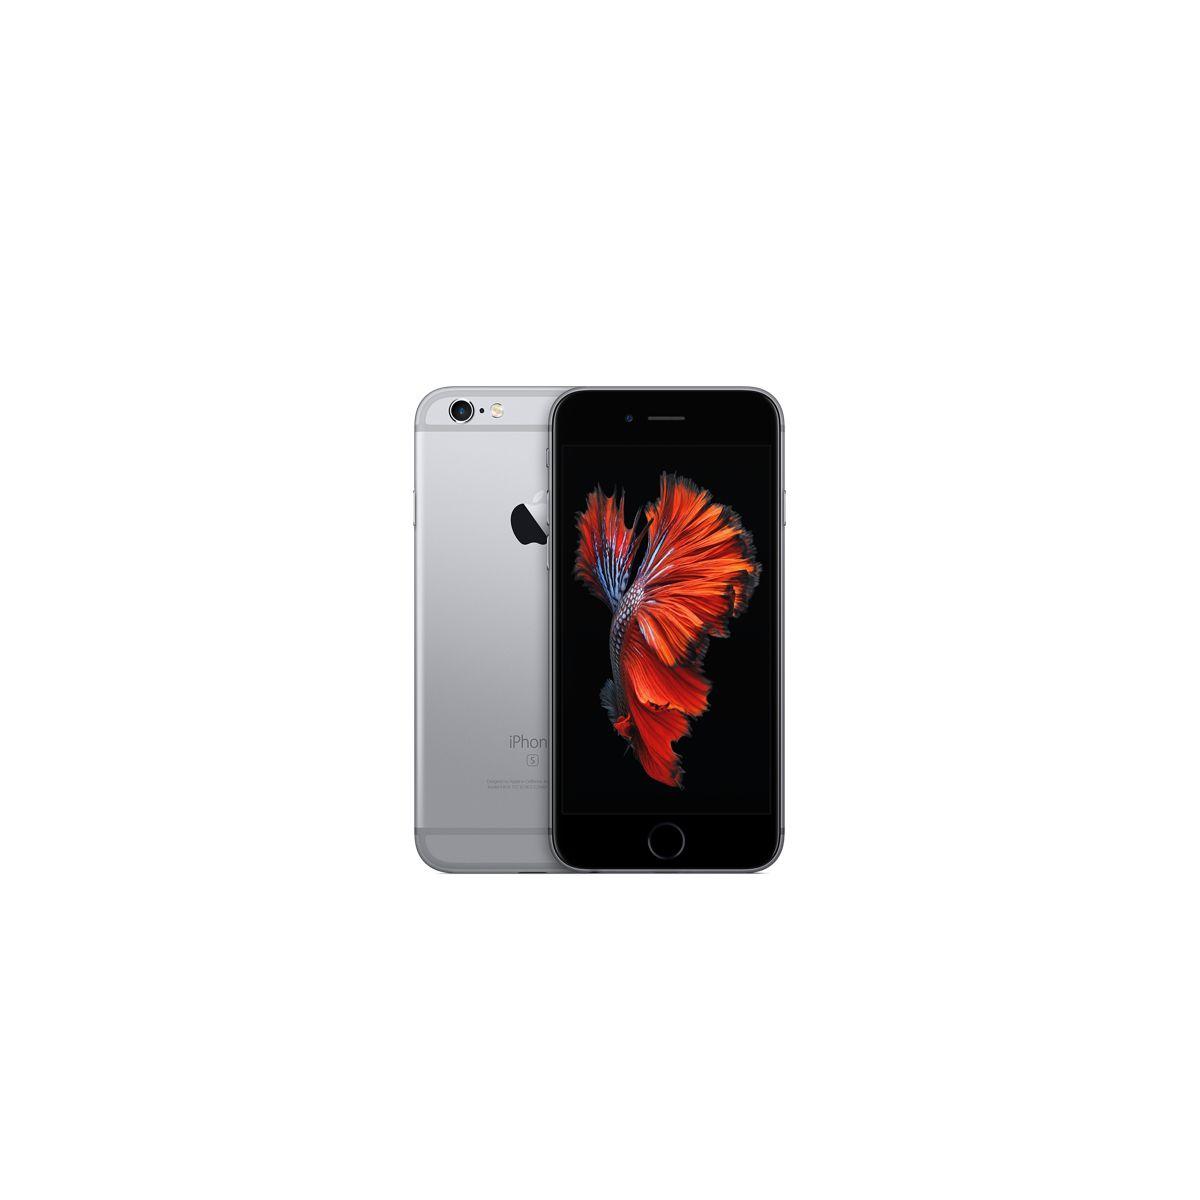 APPLE iPhone 6S 128Go Gris sidéral (photo)